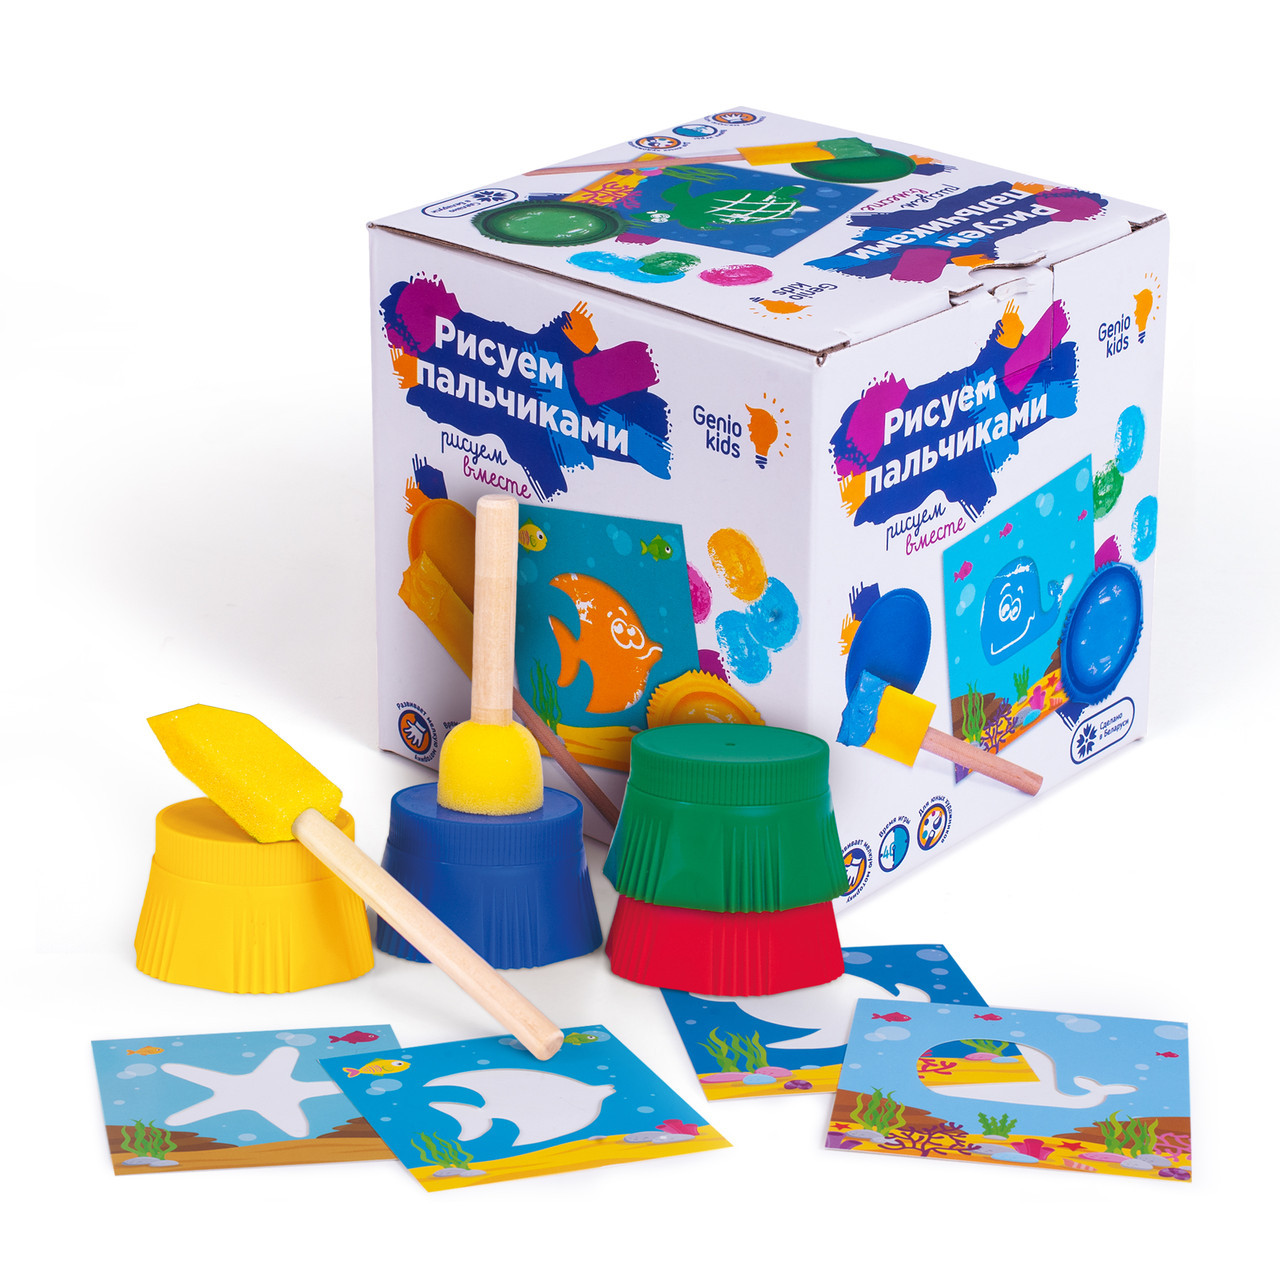 Набор для творчества Рисуем пальчиками Морской мир Genio Kids TA1403